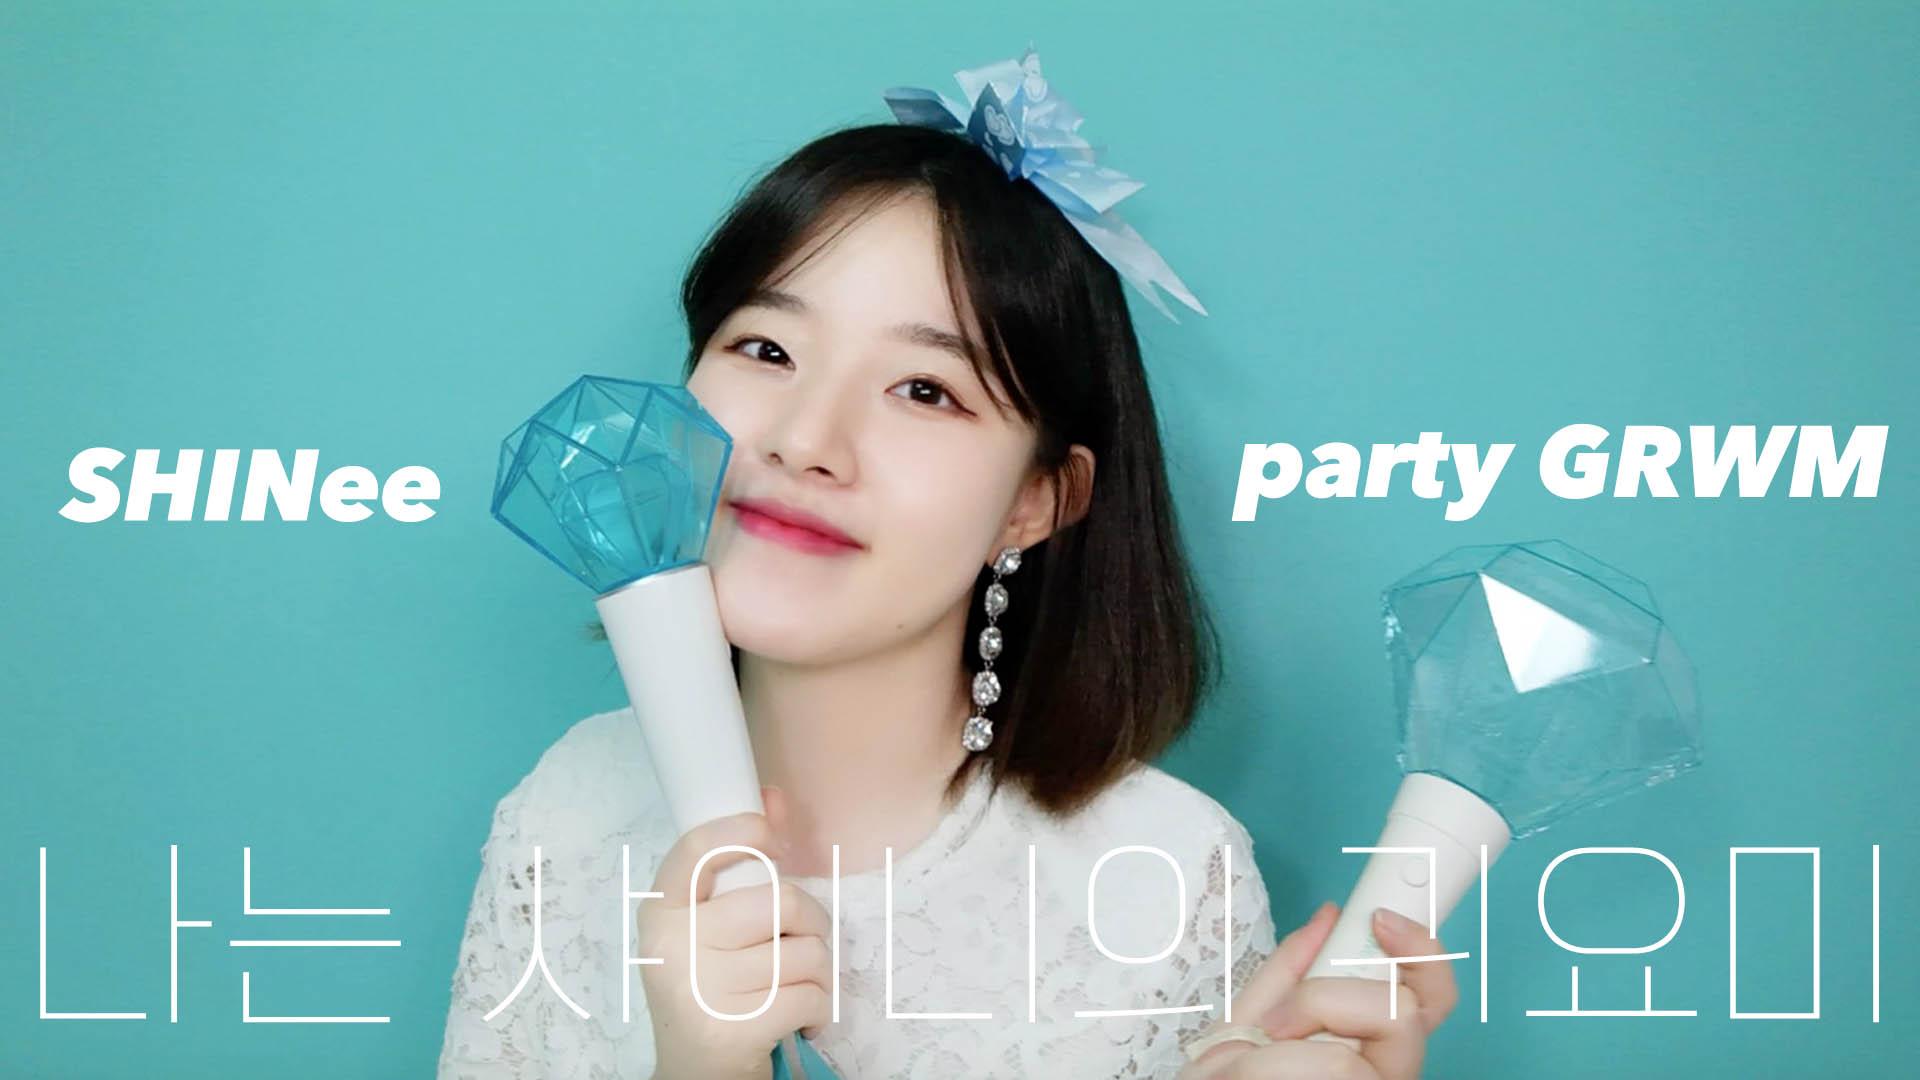 샤이니 스페셜 파티 같이 준비해요 SHINee special party GRWM